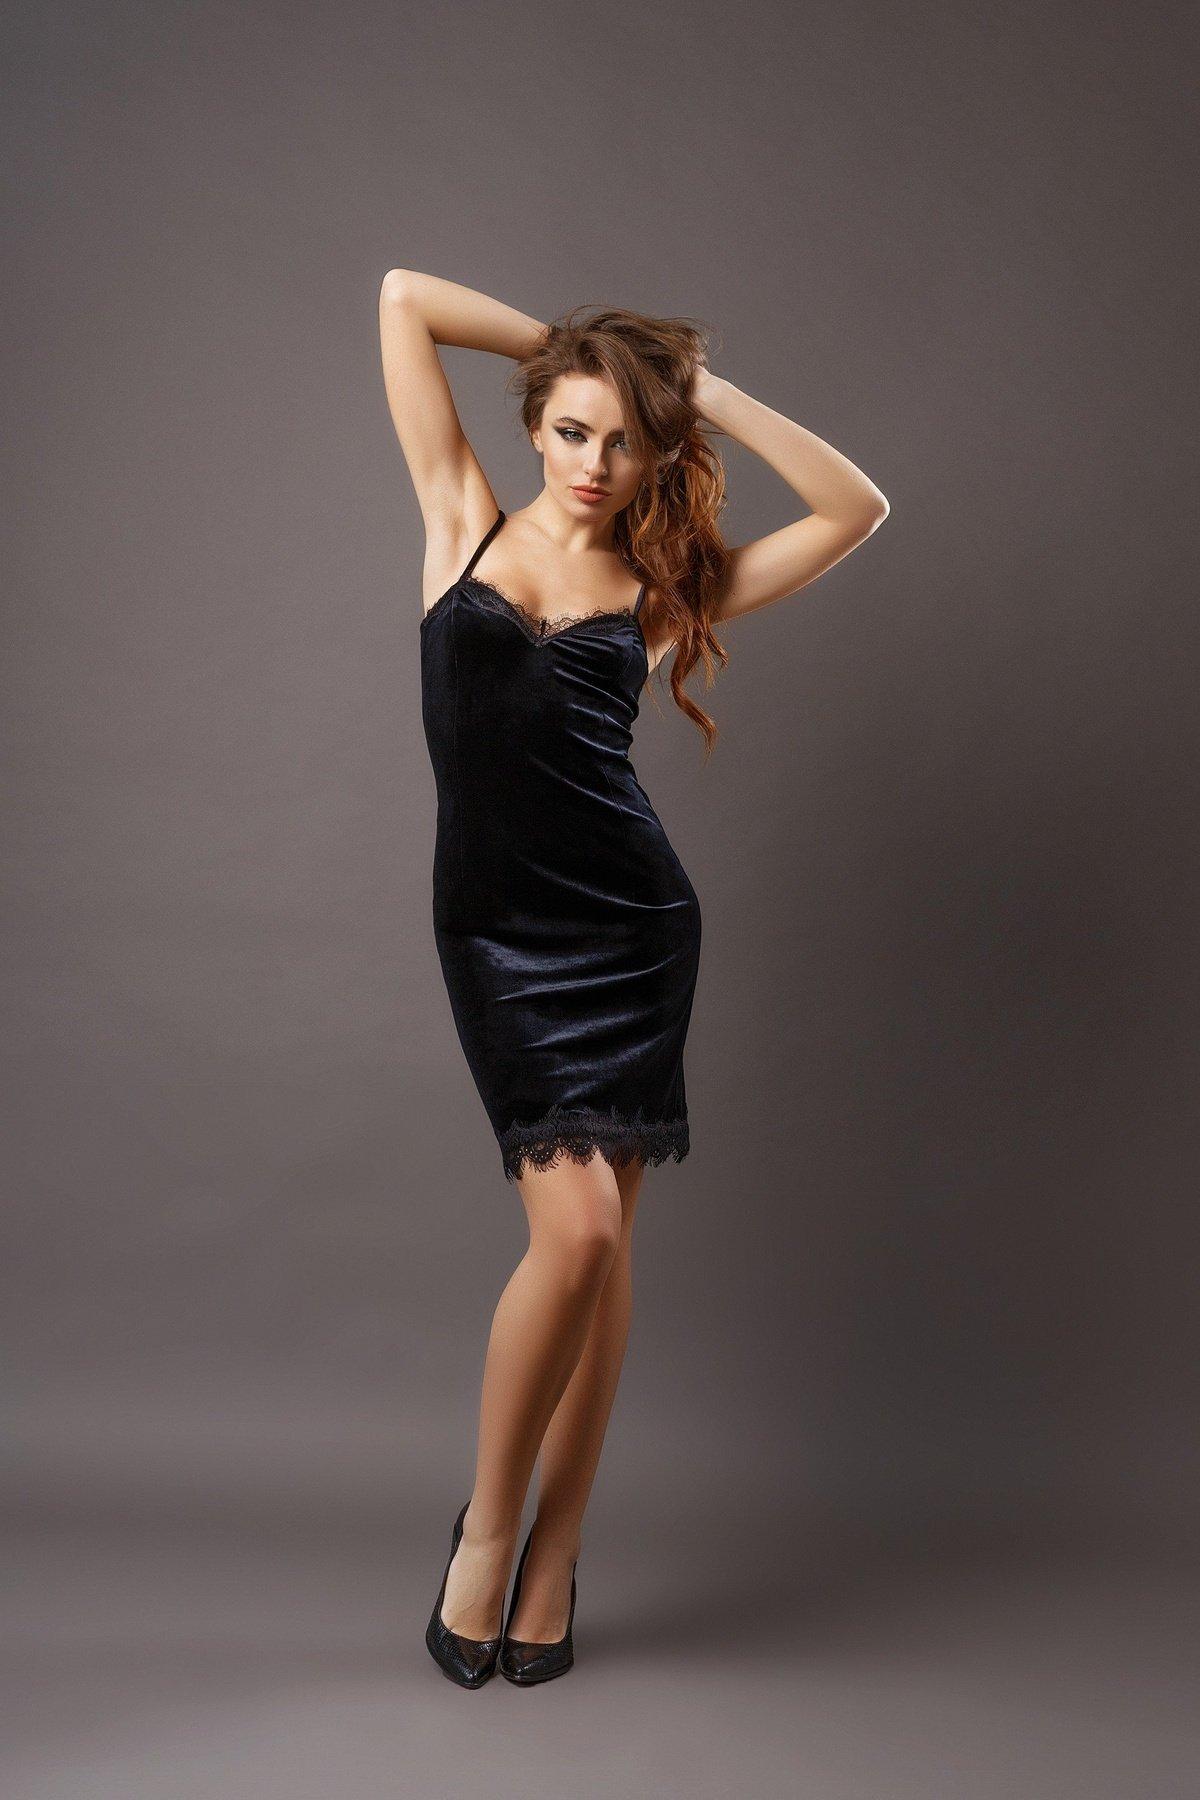 Сукня Amina - купити коктейльні сукні та вечірні сукні Olya Mak a34ea04821e92